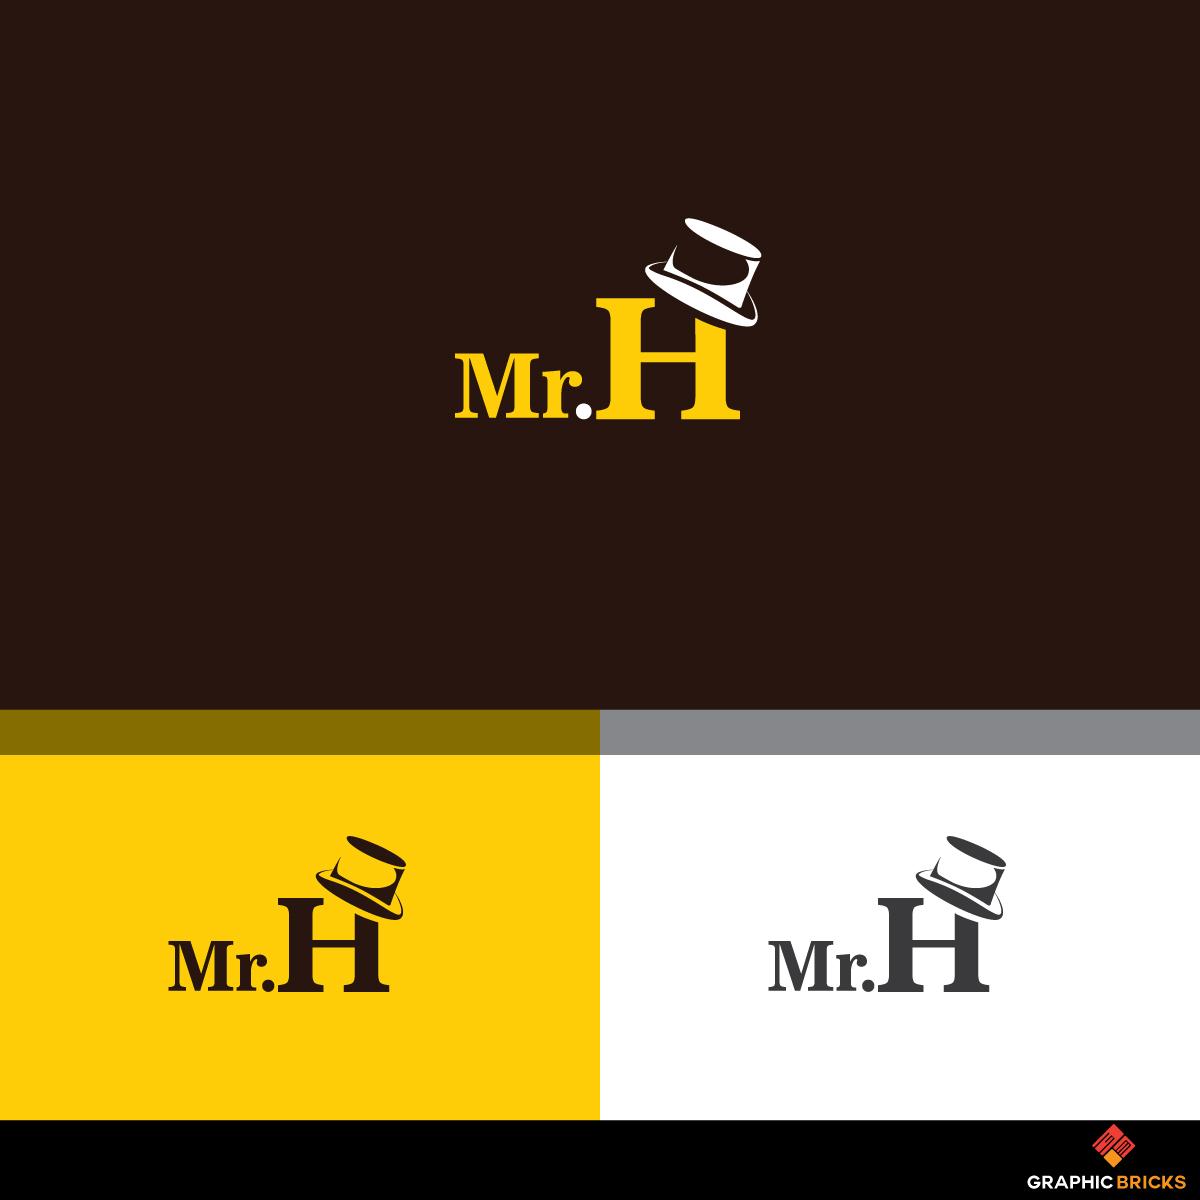 Modern, Upmarket Logo Design for Mr  H or Mister H (Either one works